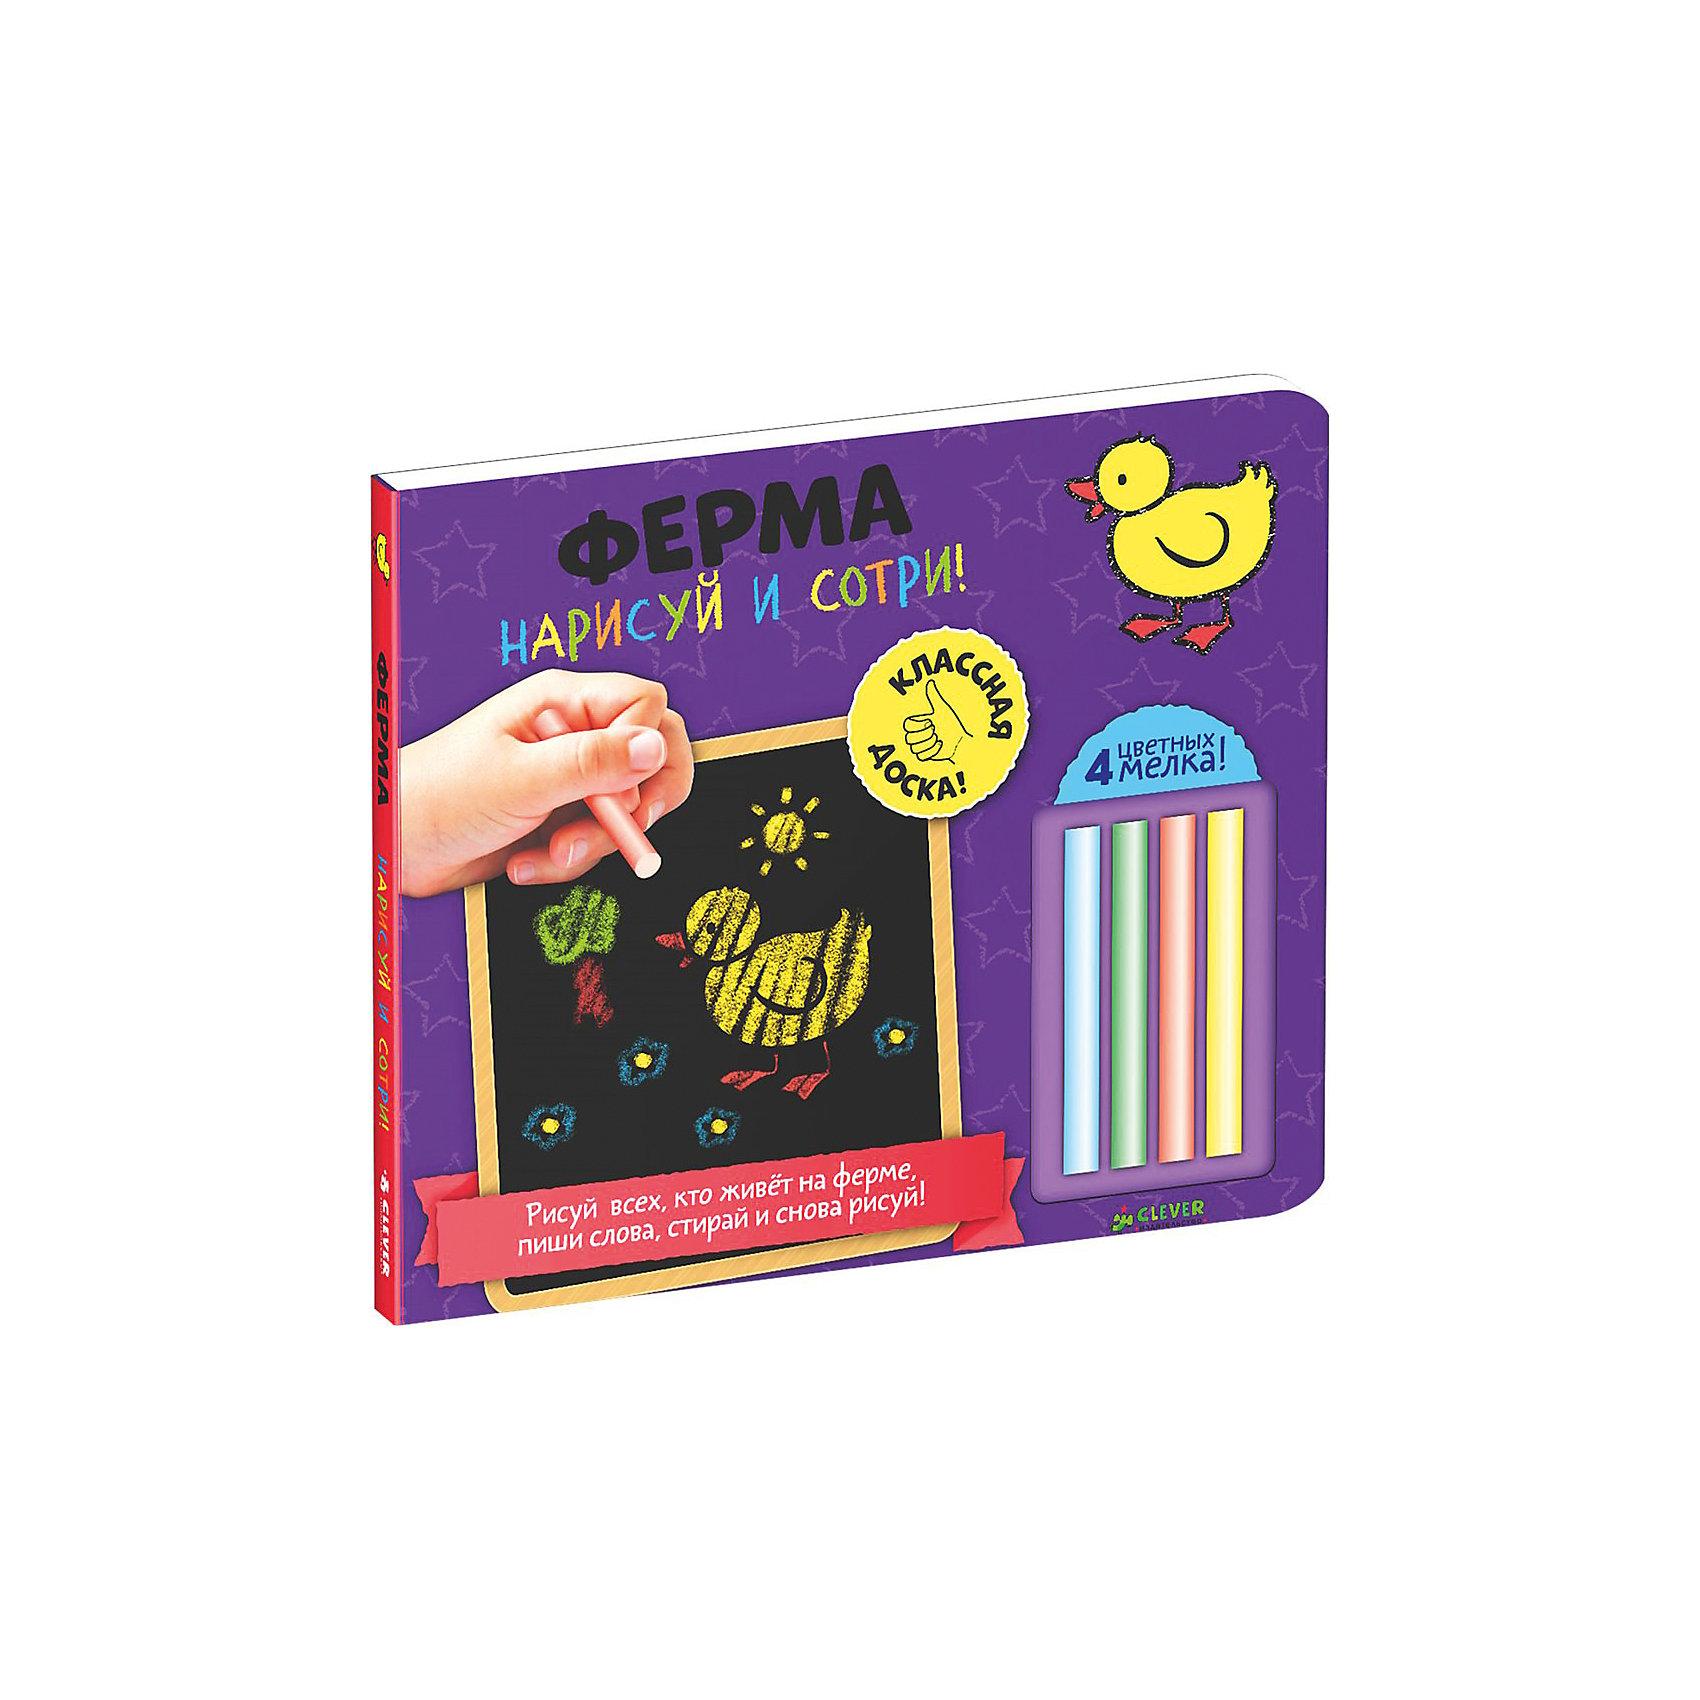 Нарисуй и сотри! ФермаКниги для развития творческих навыков<br>Рисование – любимое занятие большинства малышей. Рисование на специальной доске – новое направление в сфере детского искусства. Данный набор станет потрясающим подарком для маленьких художников. В набор входит доска, четыре цветных мелка и инструкция, как по клеточкам нарисовать ферму и ее милых обитателей. Для тех, кто не умеет рисовать, данная доска станет спасением. На доске можно не только рисовать, но и писать слова по образцу. Обводить зверушек легко и доступно любому малышу. Набор развивает творческие способности, мышление, воображение и прививает любовь к рисованию.<br><br>Дополнительная информация:<br><br>формат: 21 х 24 см;<br>возраст: 0+.<br><br>Набор  Нарисуй и сотри! Ферма можно приобрести в нашем магазине.<br><br>Ширина мм: 238<br>Глубина мм: 210<br>Высота мм: 10<br>Вес г: 471<br>Возраст от месяцев: 0<br>Возраст до месяцев: 36<br>Пол: Унисекс<br>Возраст: Детский<br>SKU: 4976113